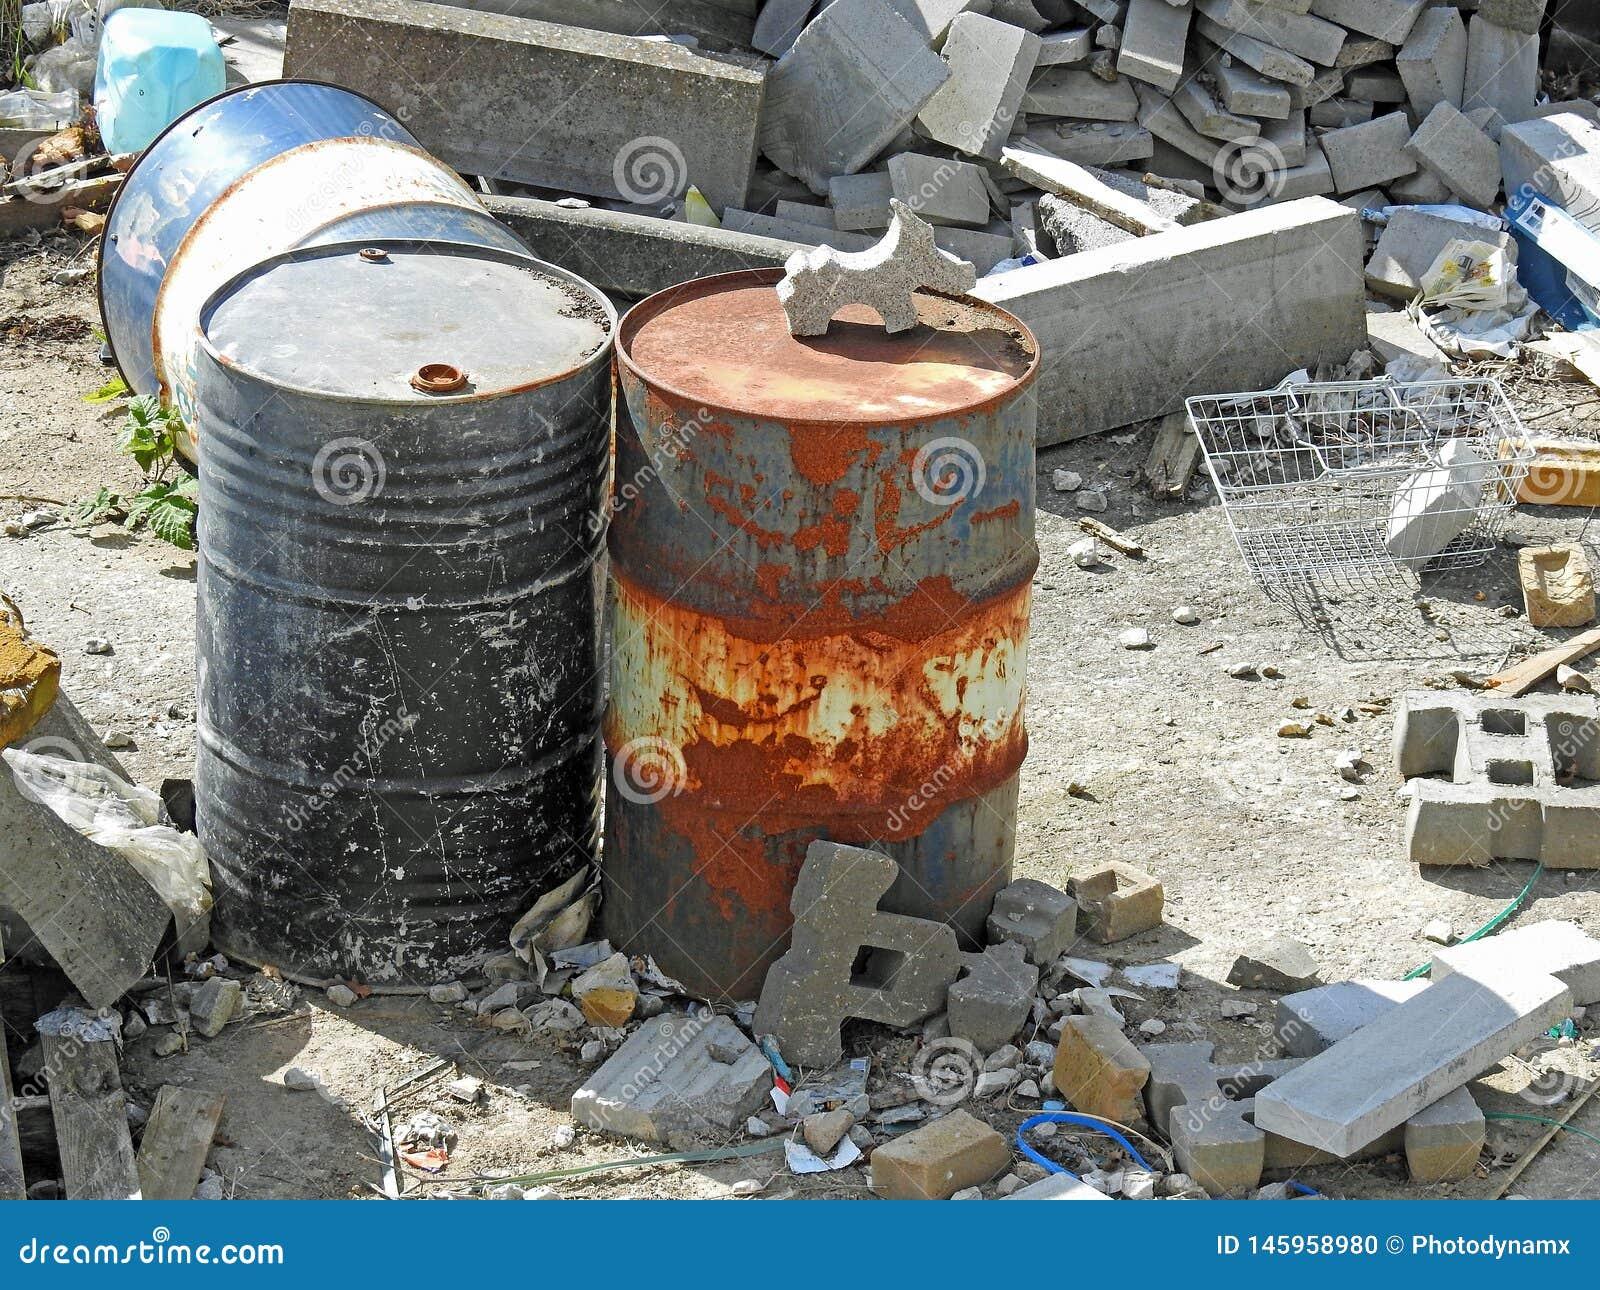 Szkoda dla środowiska naturalnego banialuk miejsca oleju awaryjne śmieciarskie puszki przechylają budynek